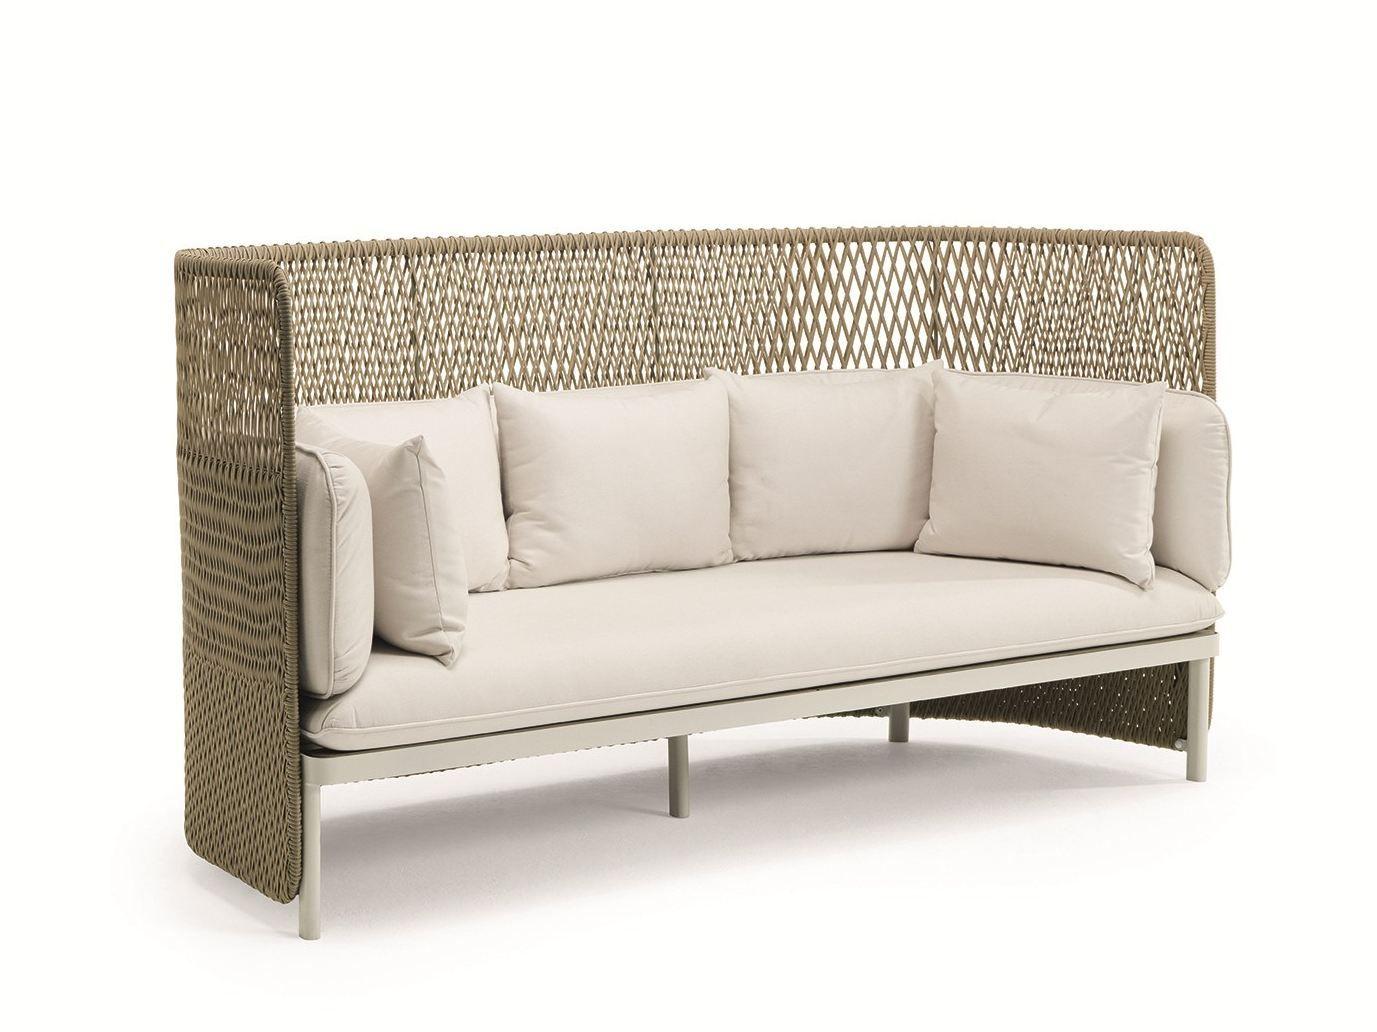 Divano da giardino in stile moderno esedra divano con - Divano schienale alto ...